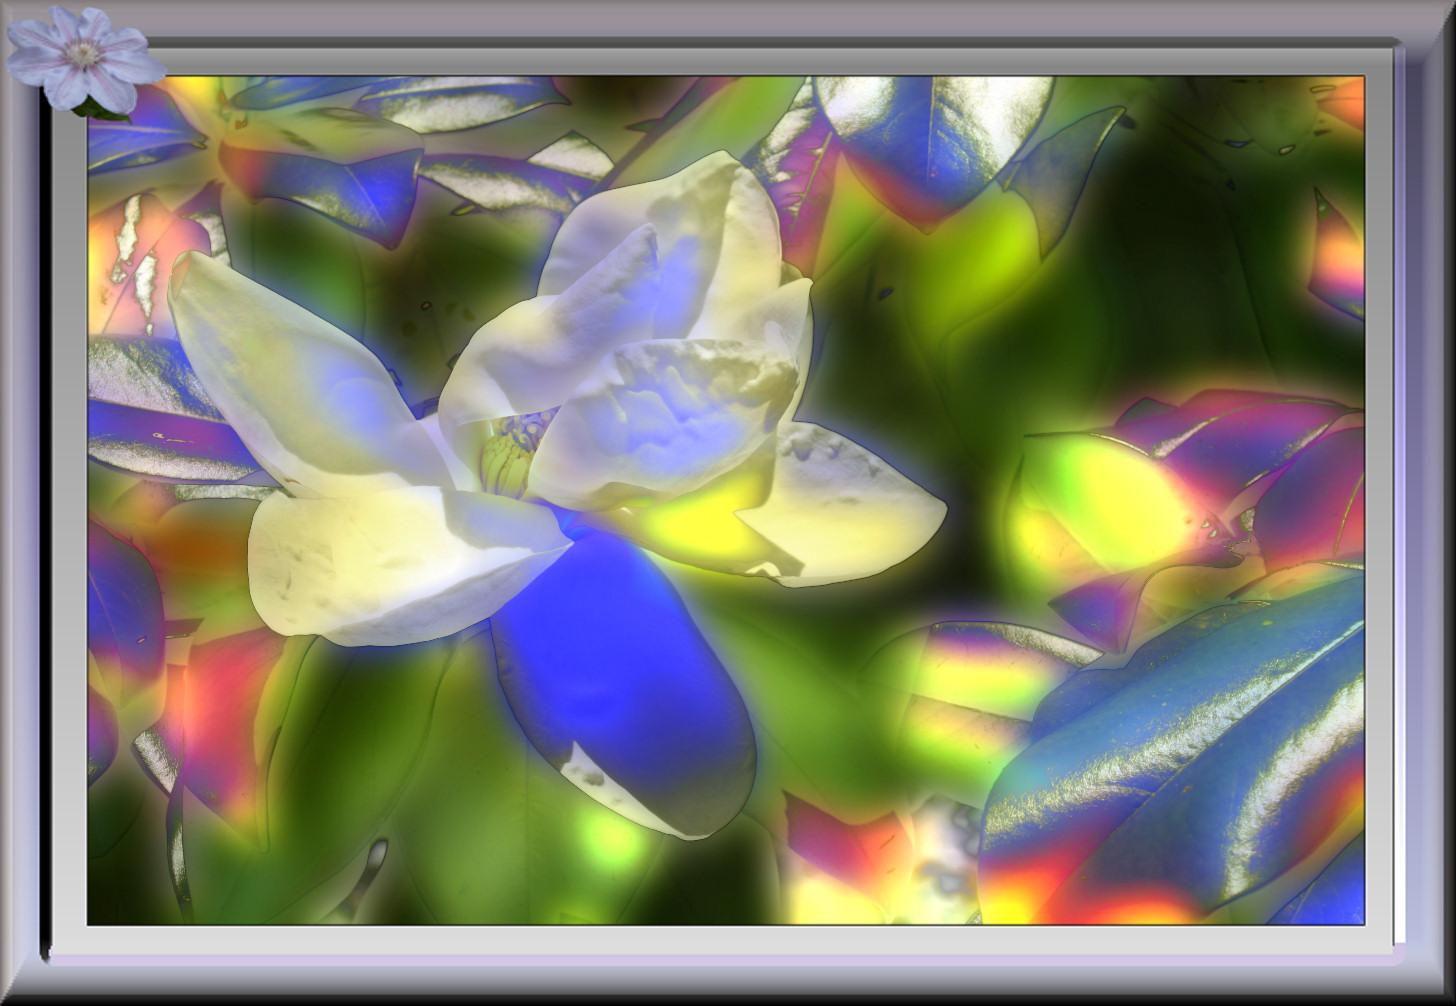 tulipiermulticolor.jpg